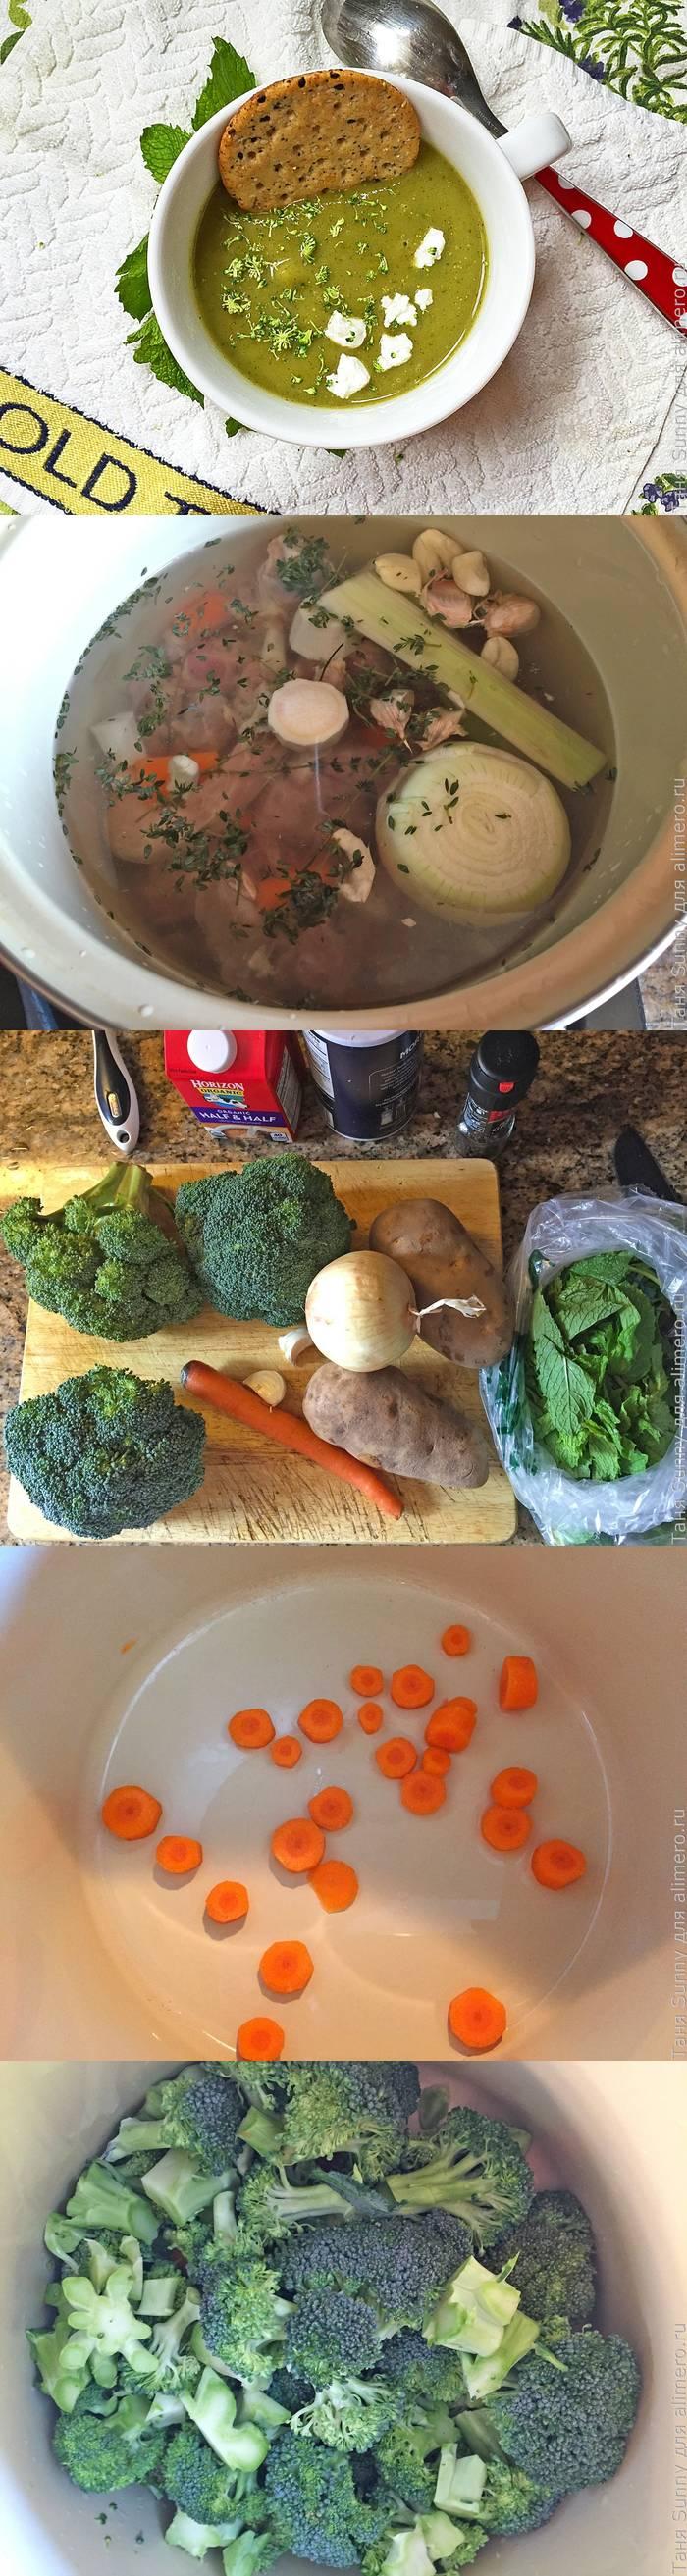 Суп-пюре из брокколи, мягкий вариант